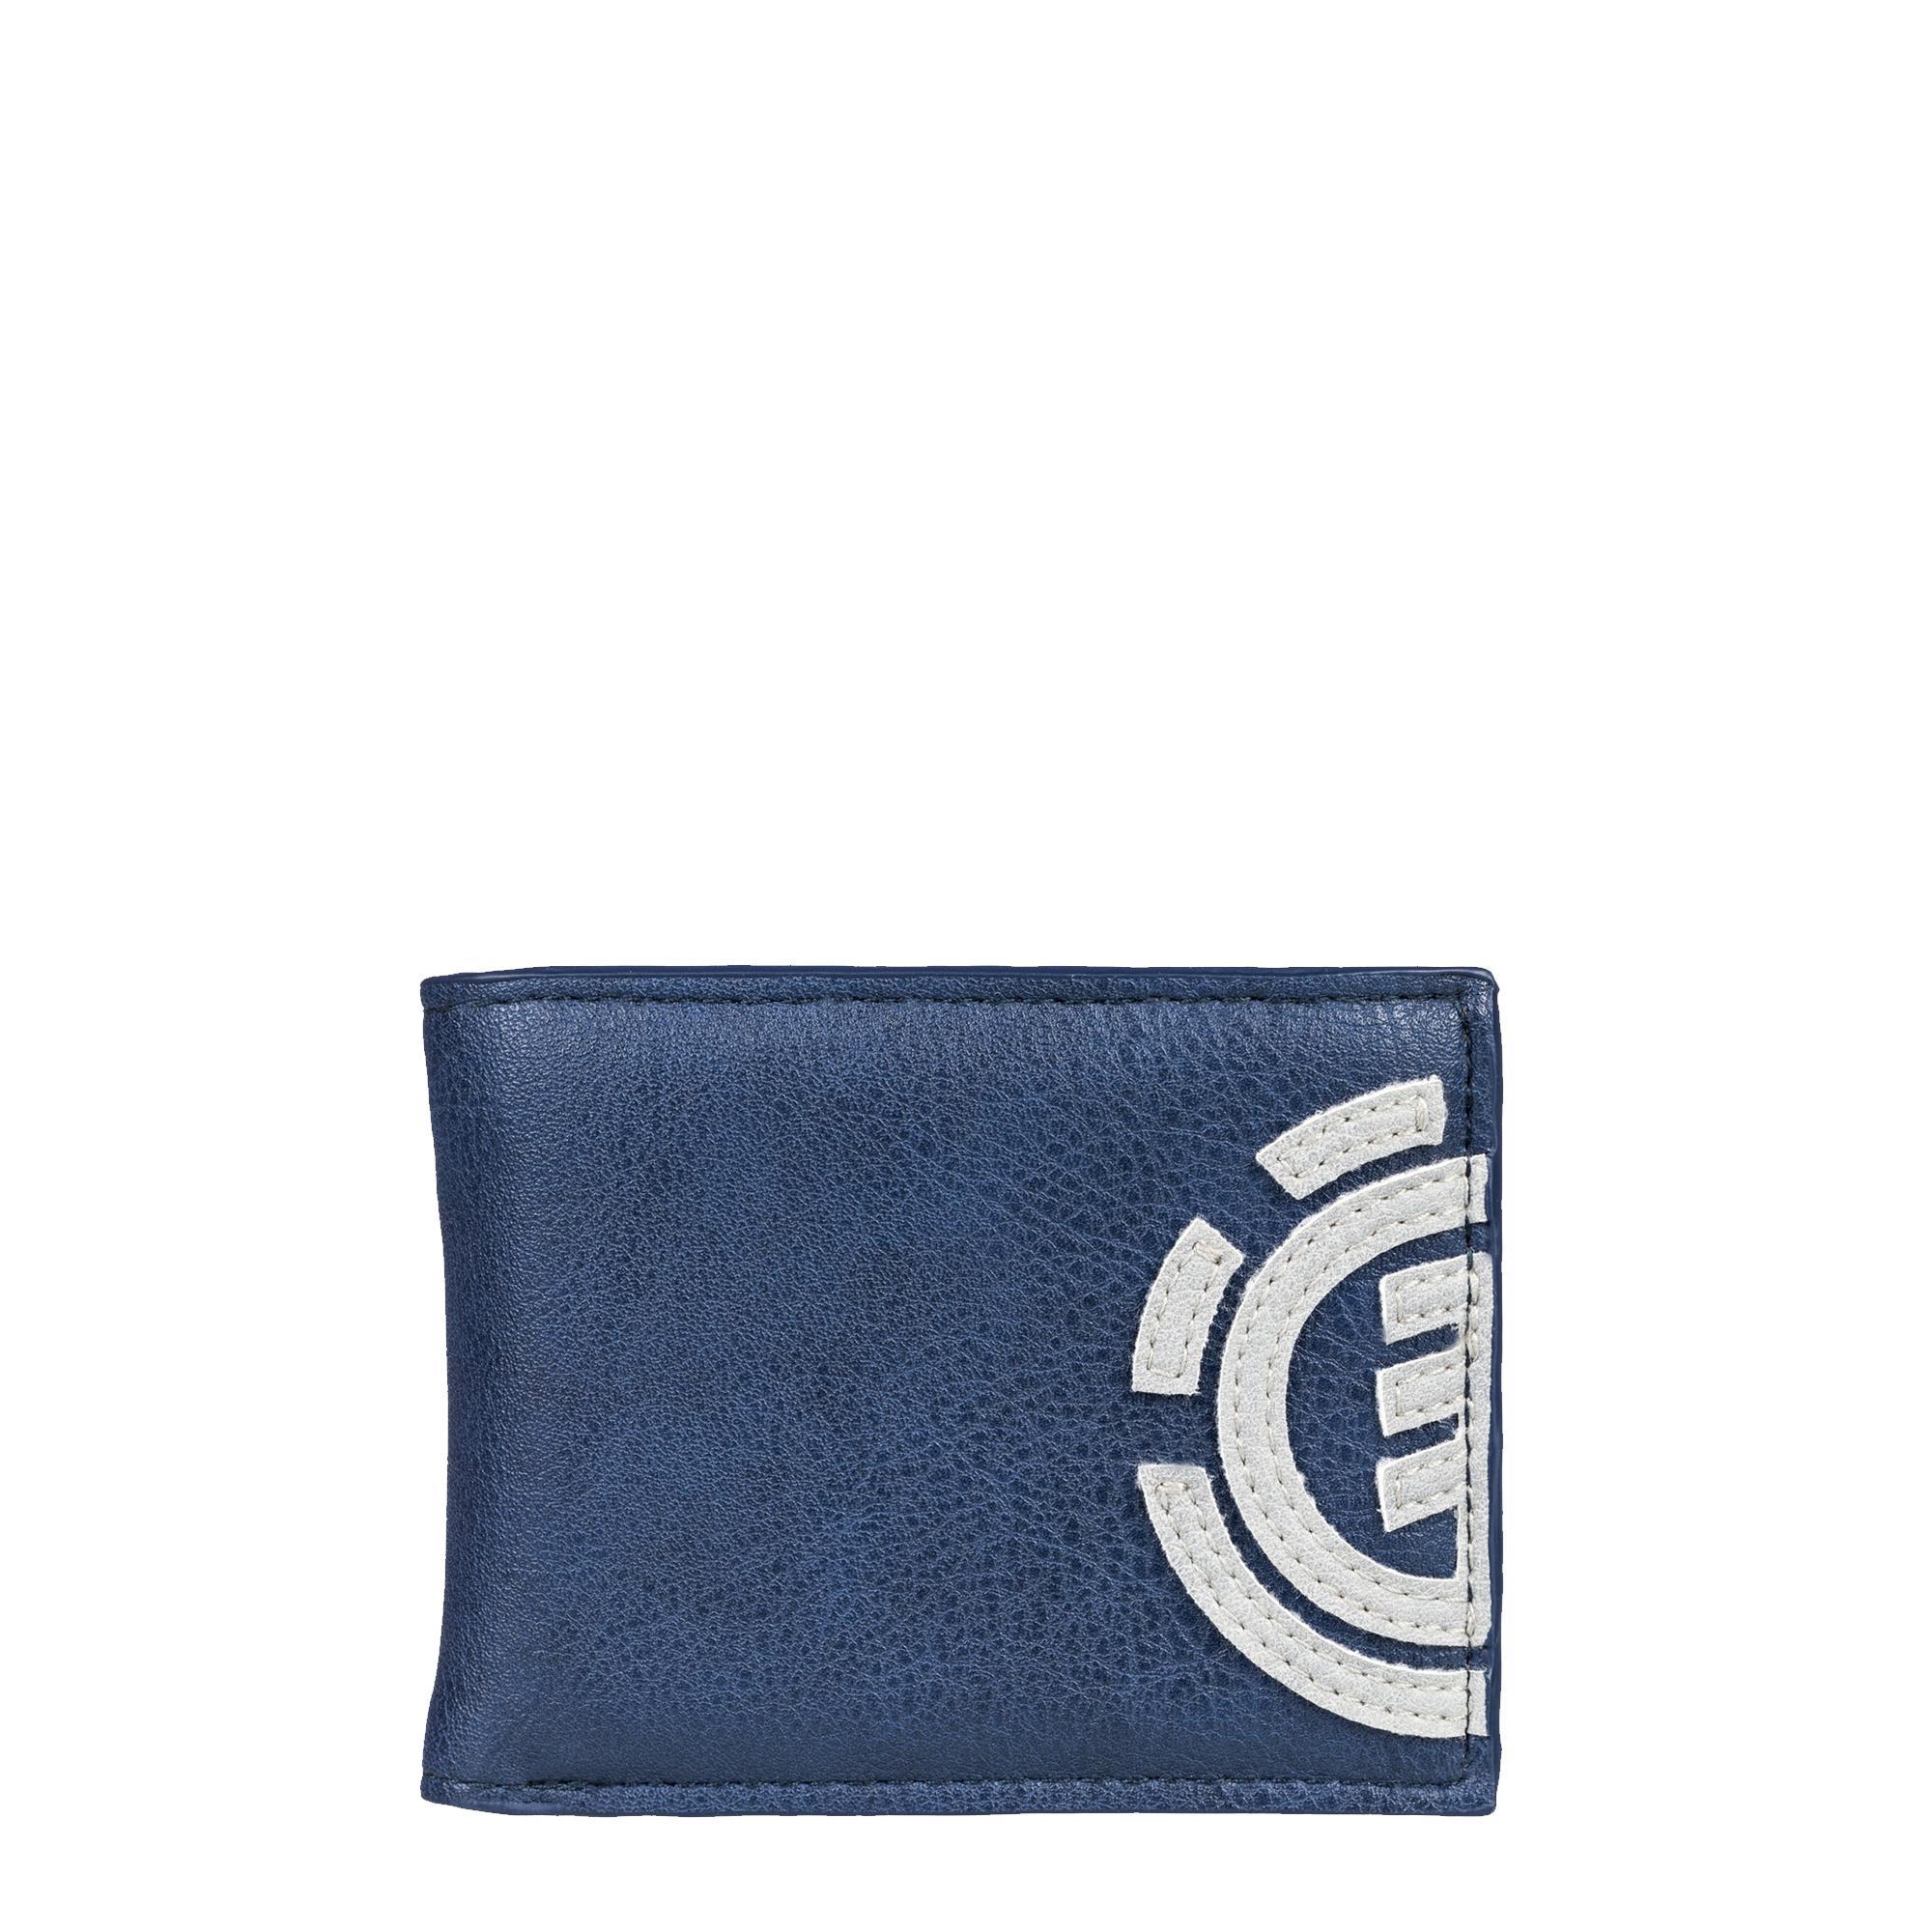 Element Daily Wallet INDIGO